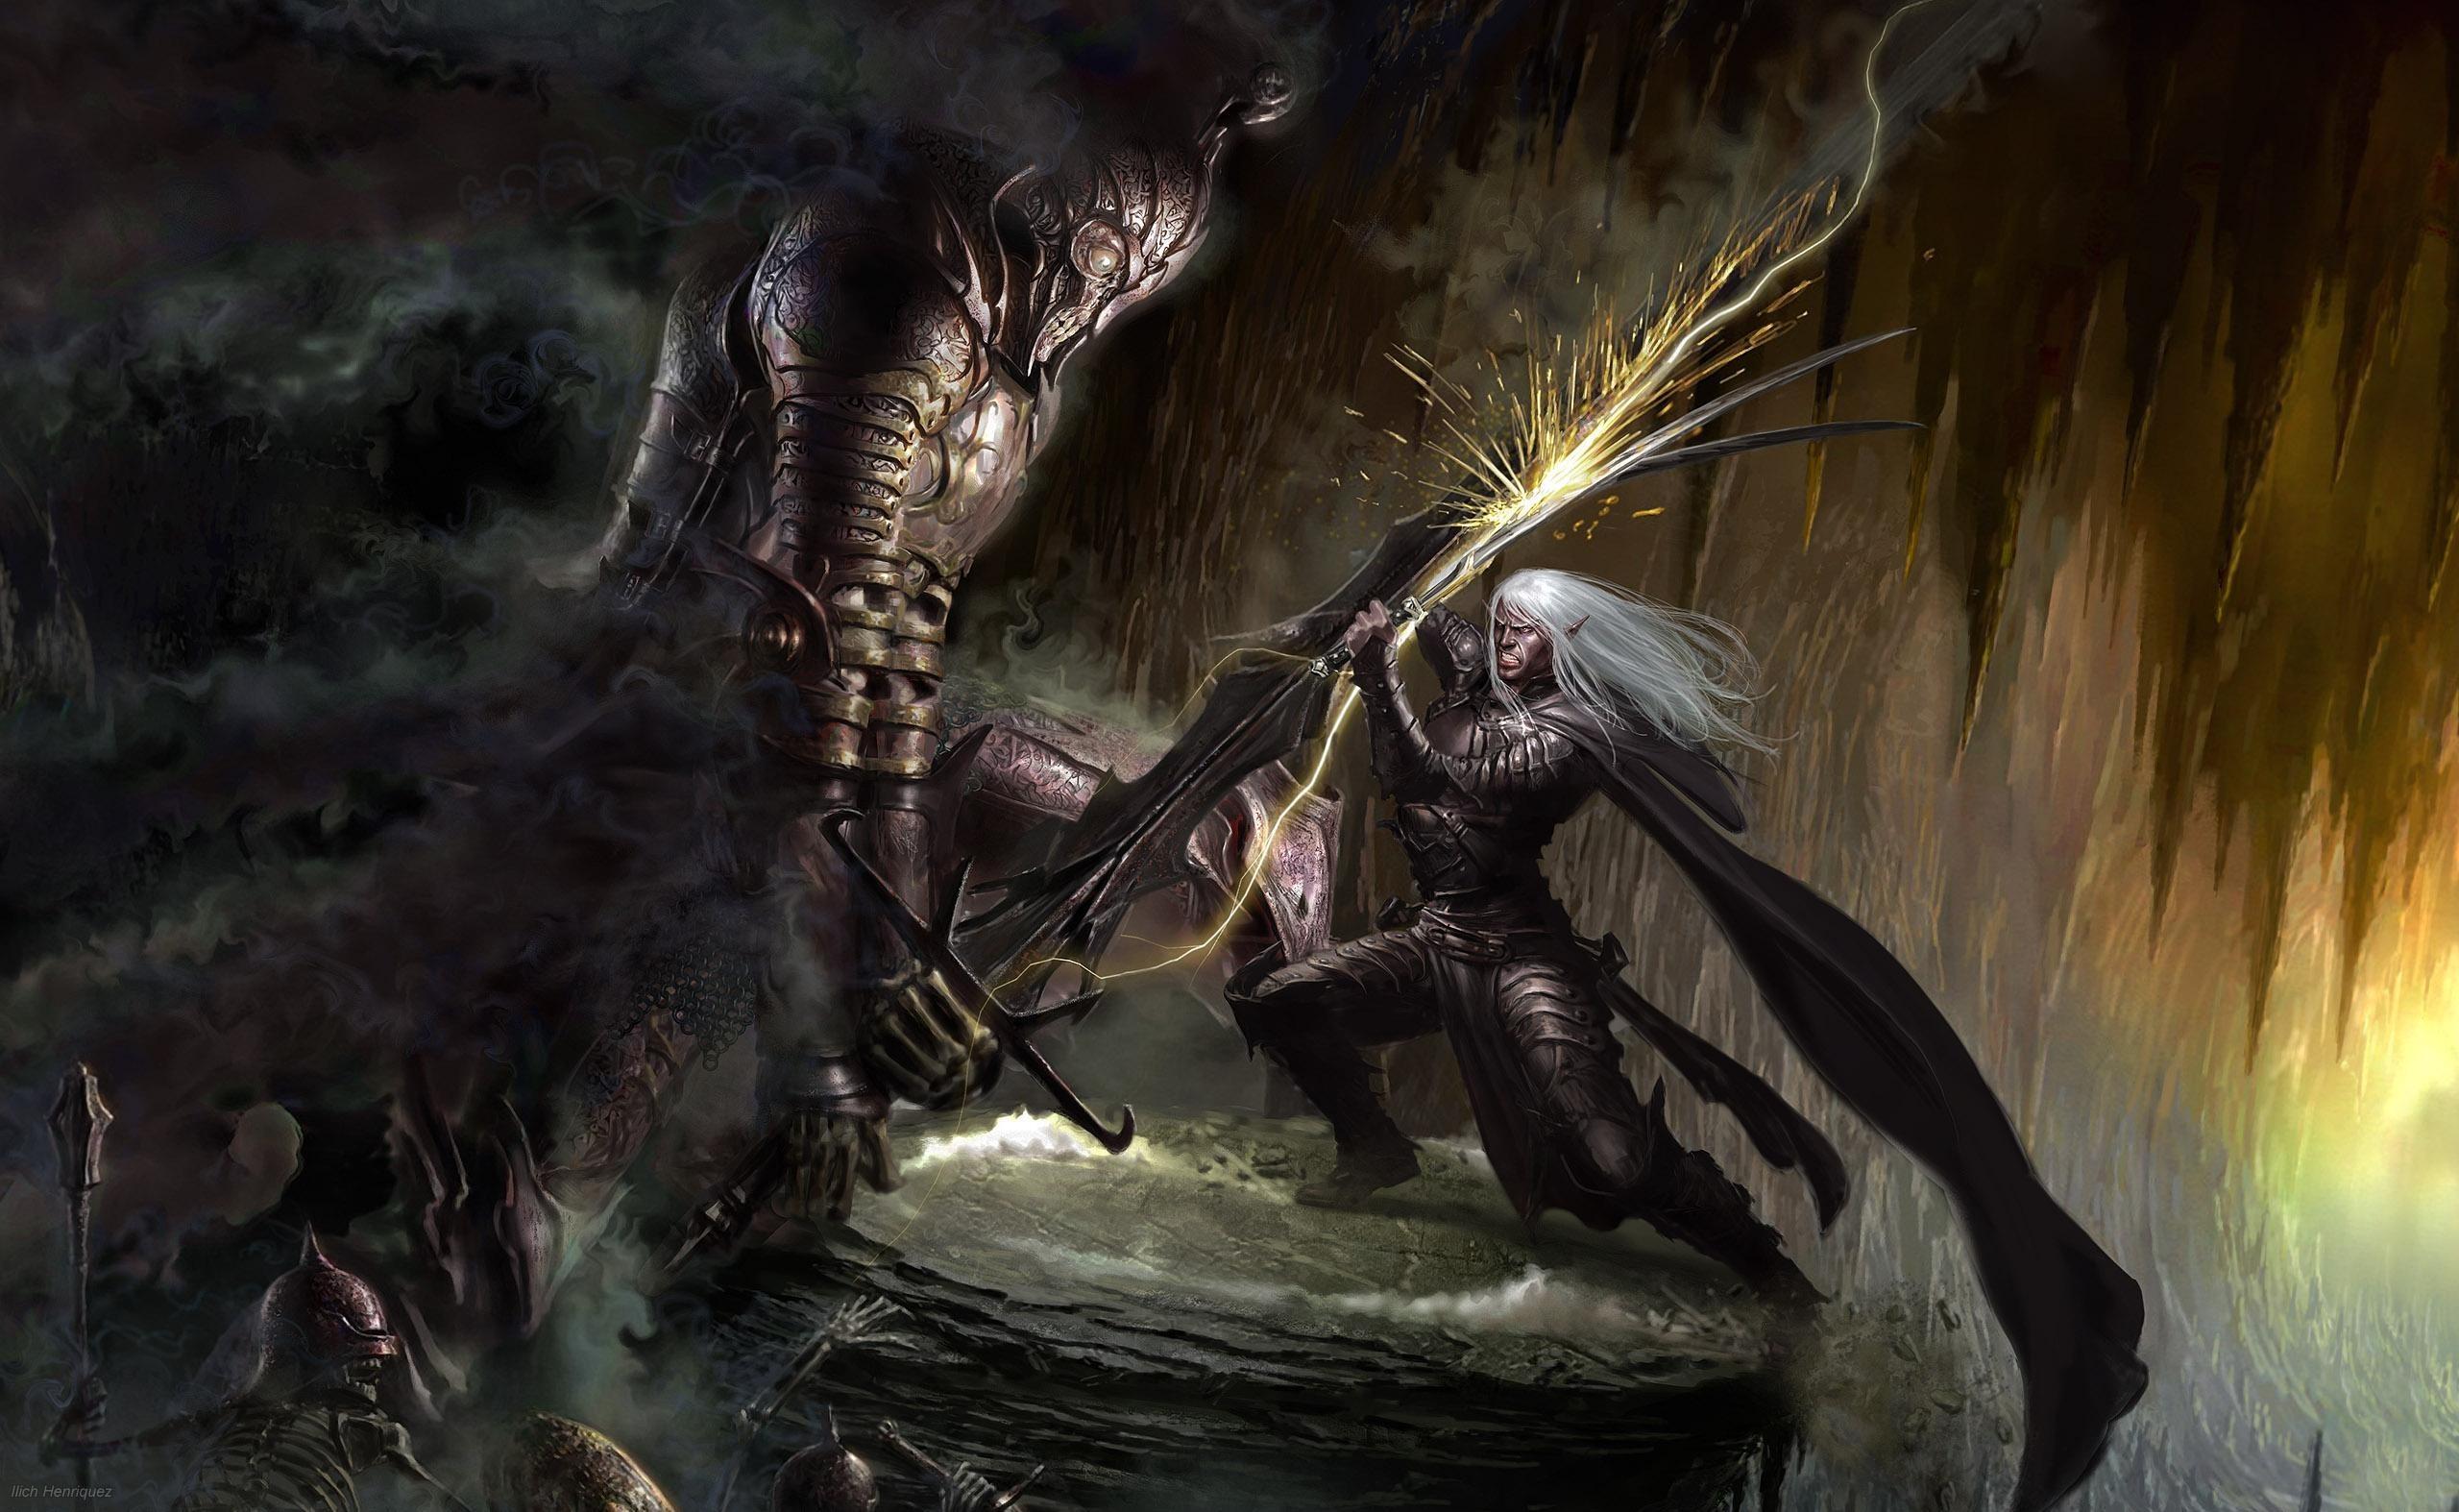 General fantasy art artwork Drizzt Do'Urden Dungeons & Dragons